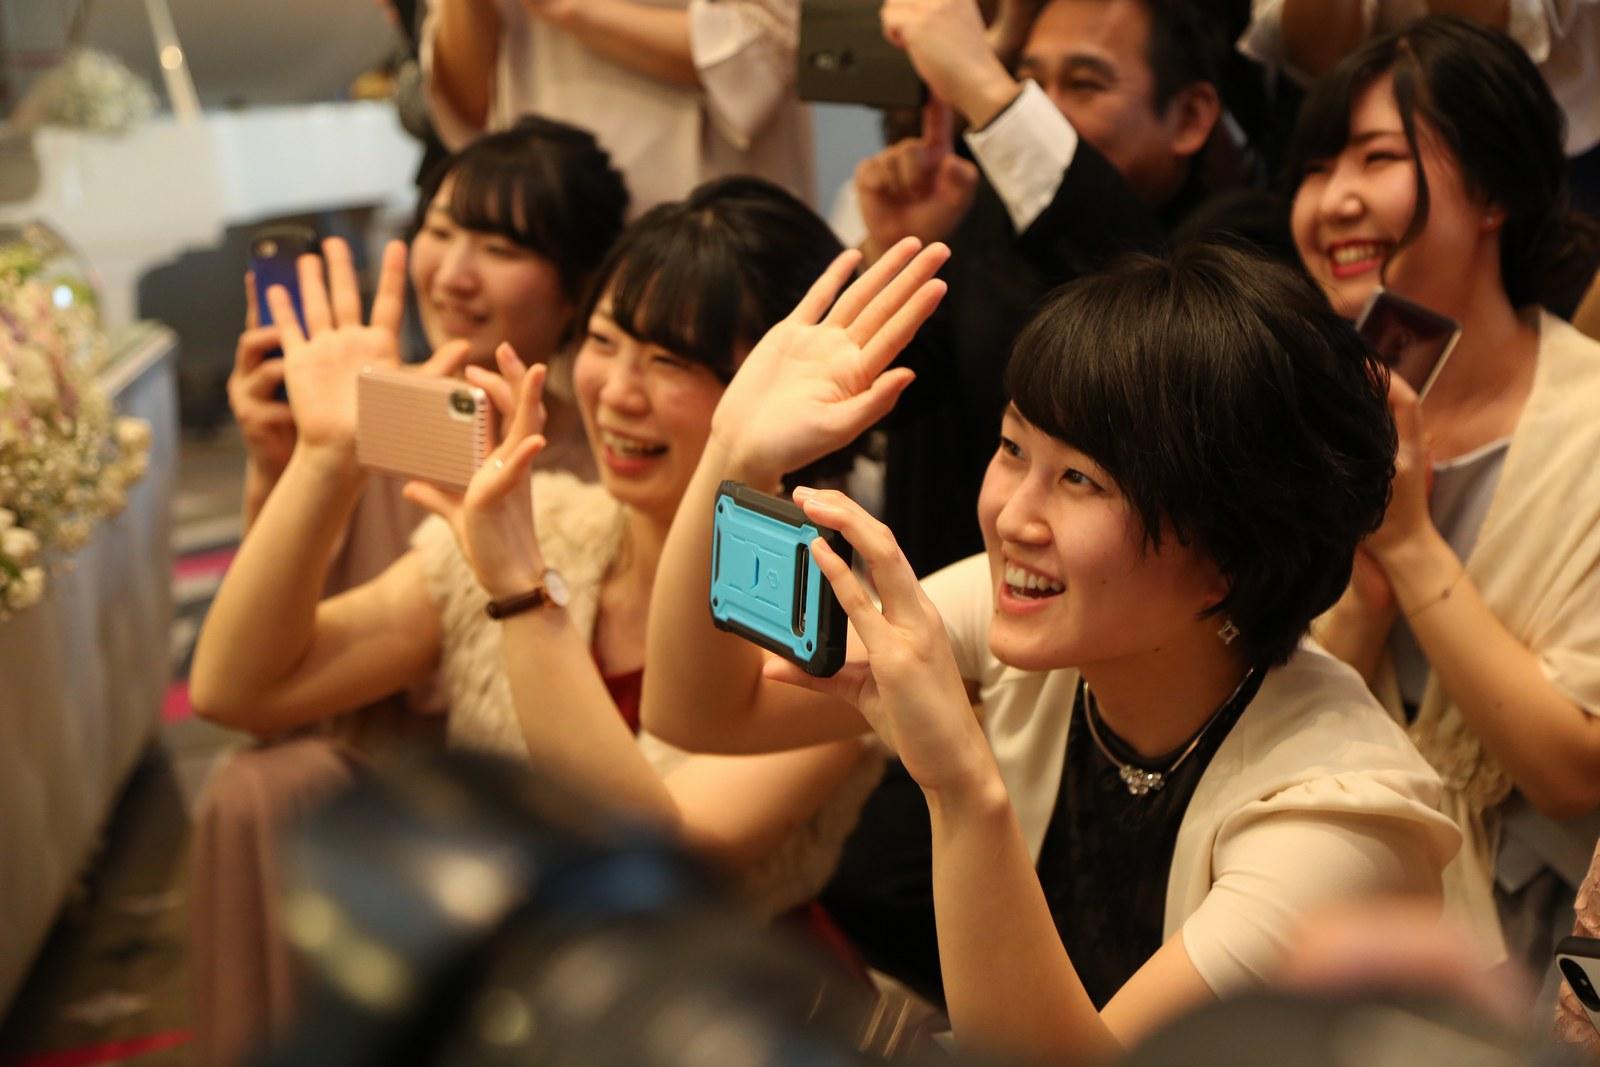 徳島市の結婚式場ブランアンジュでウエディングケーキ入刀の写真を撮影しているゲスト